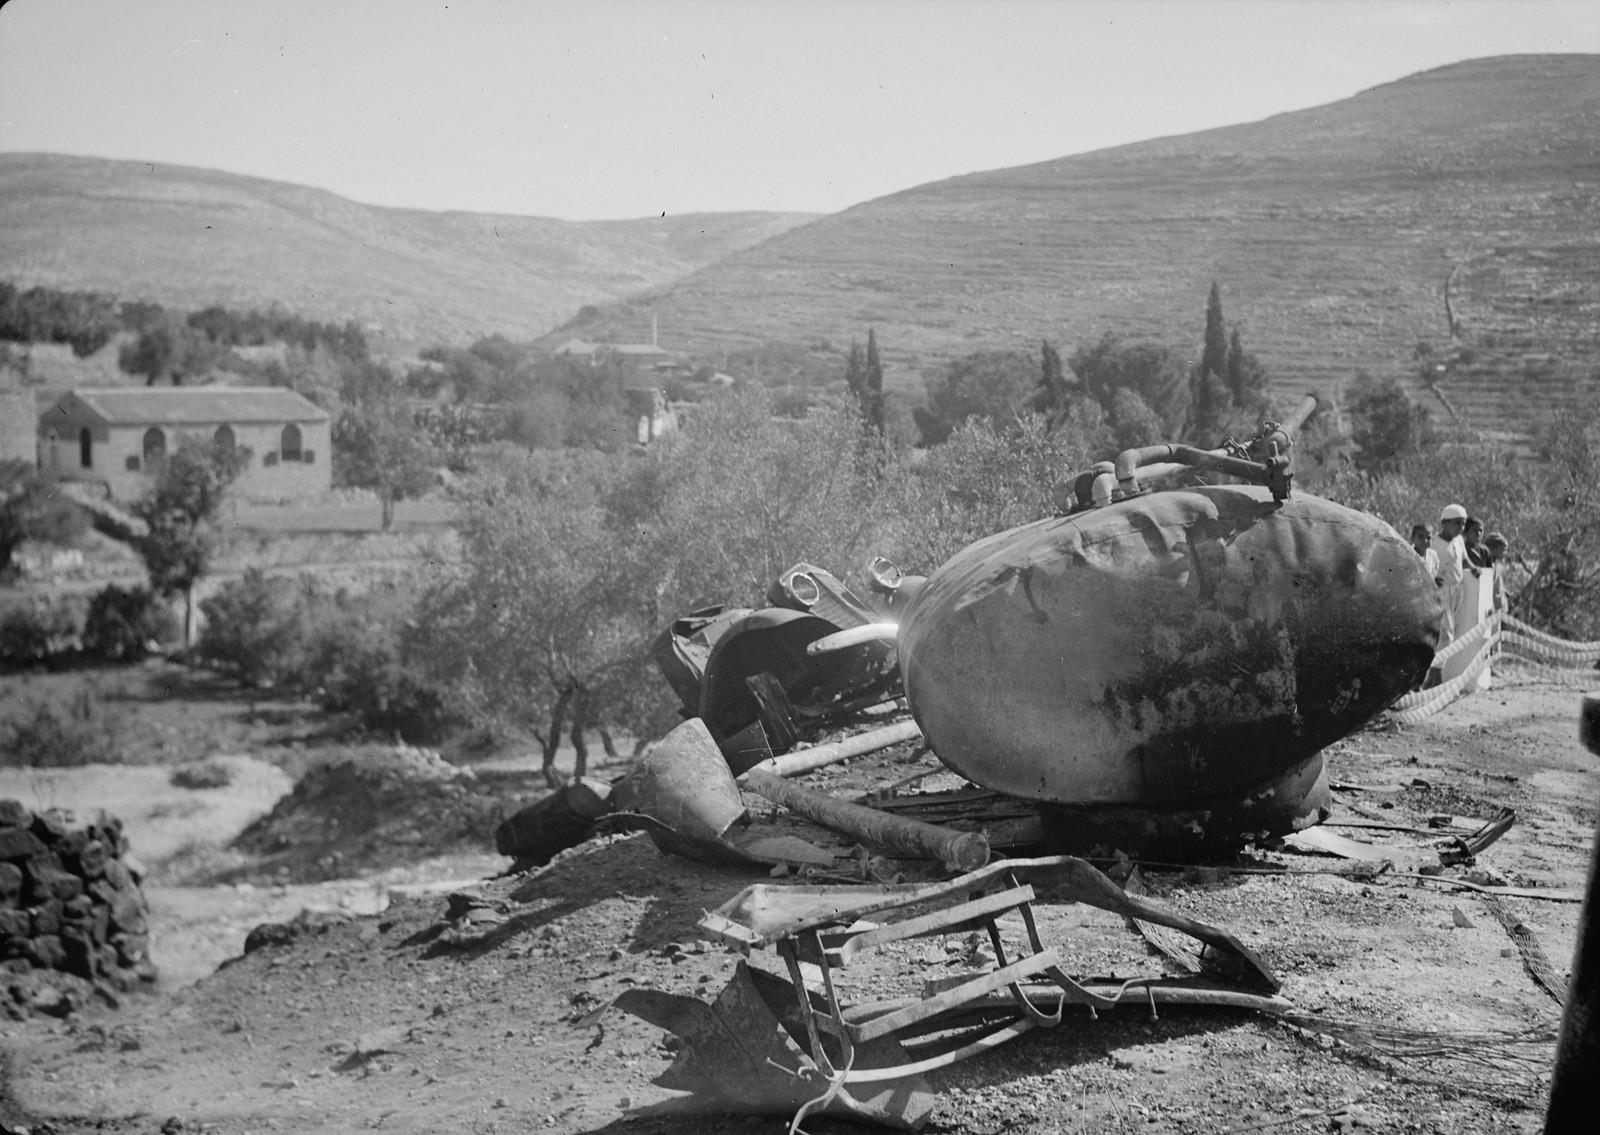 17. Цистерна с бензином компании Шелл уничтоженная при подрыве грузовика, 29 октября